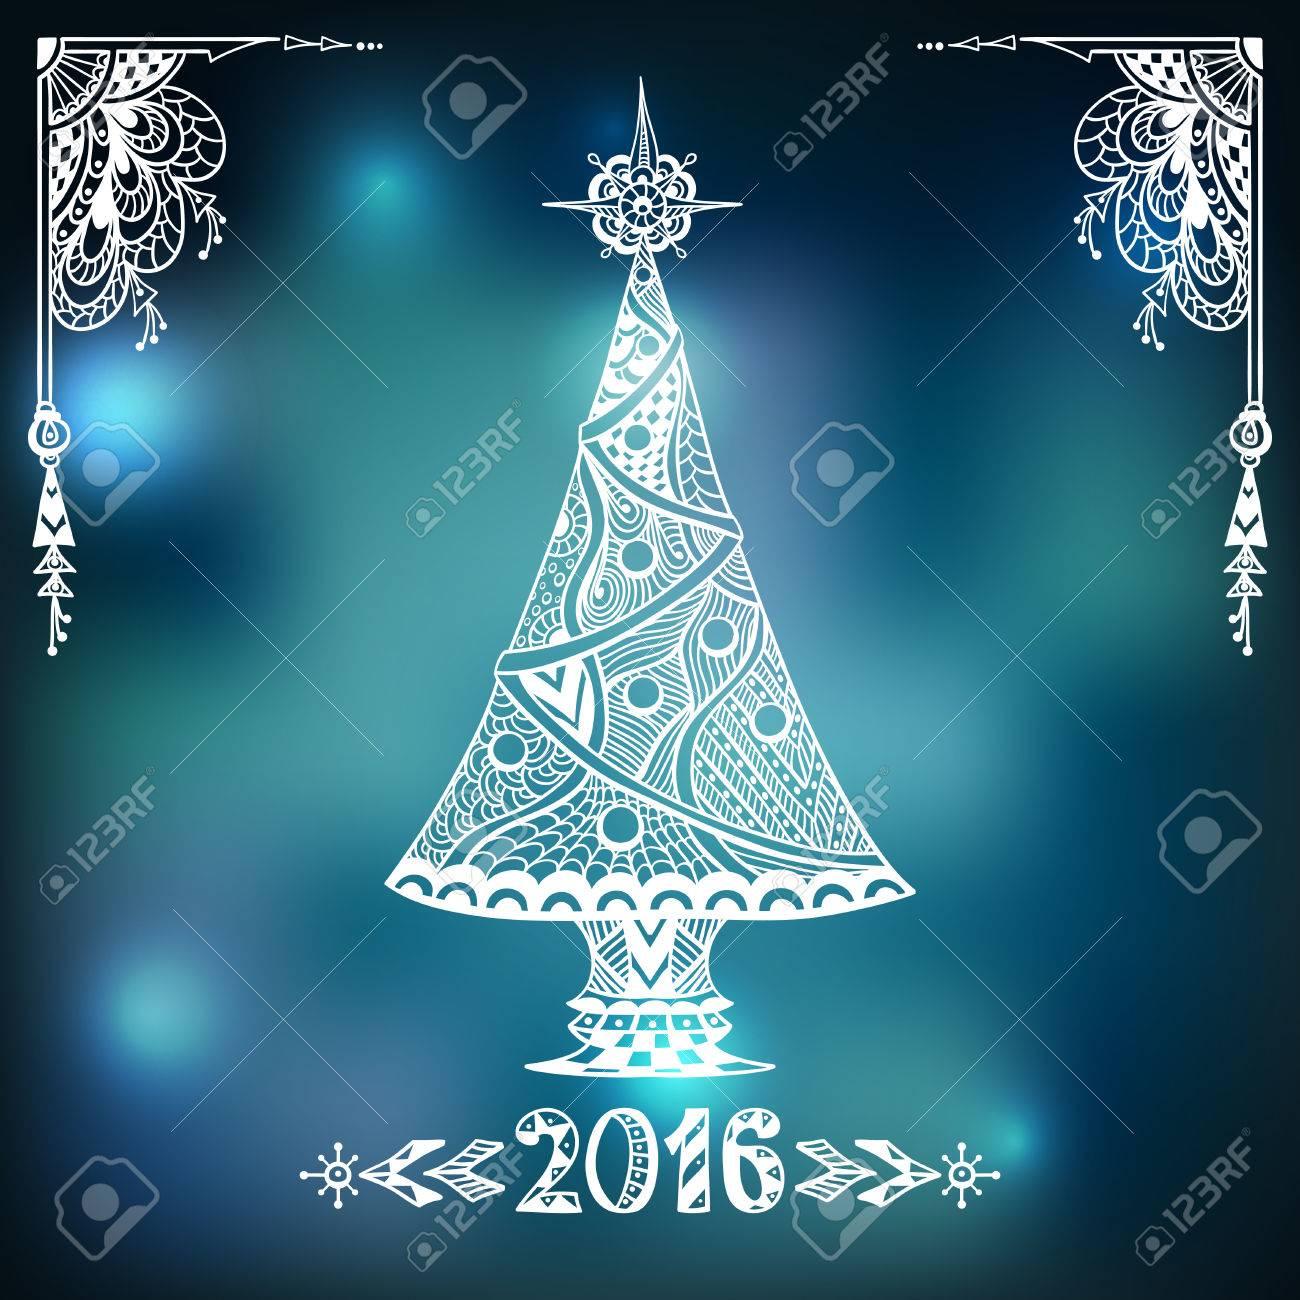 Immagini Natale Zen.Stile Albero Di Natale Nello Zen Doodle Su Sfondo Sfocato Nella Citta Di Luci Blu Creativa Post Card O Per La Decorazione Della Finestra Porta In